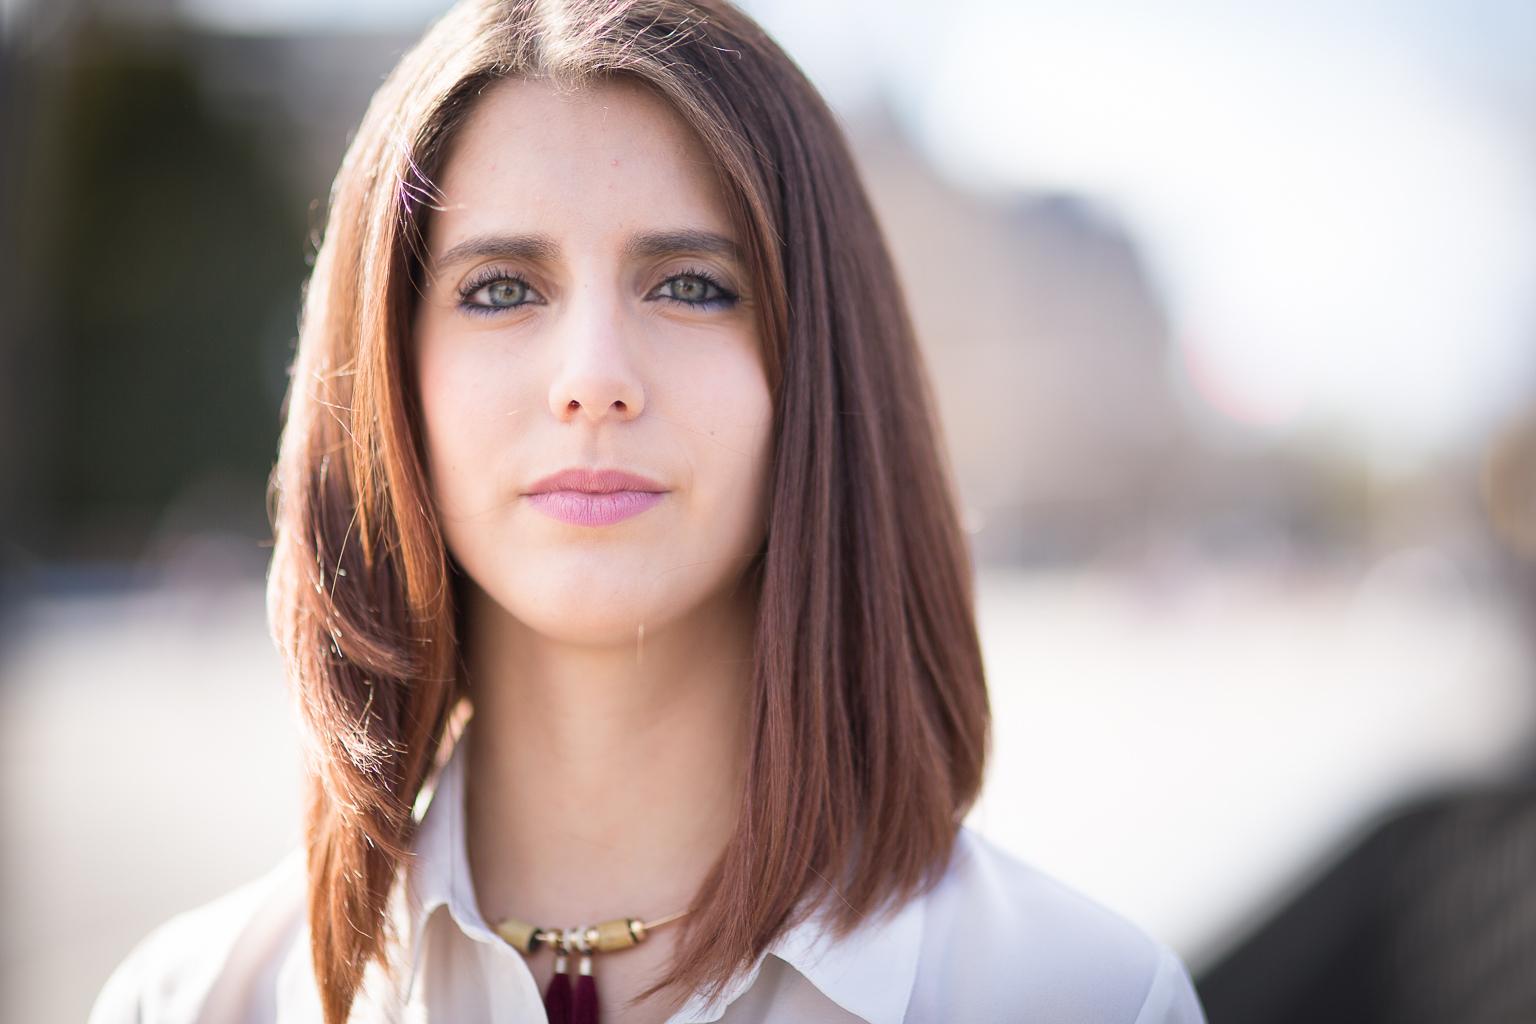 portrait d'une jeune femme brune aux yeux bleus